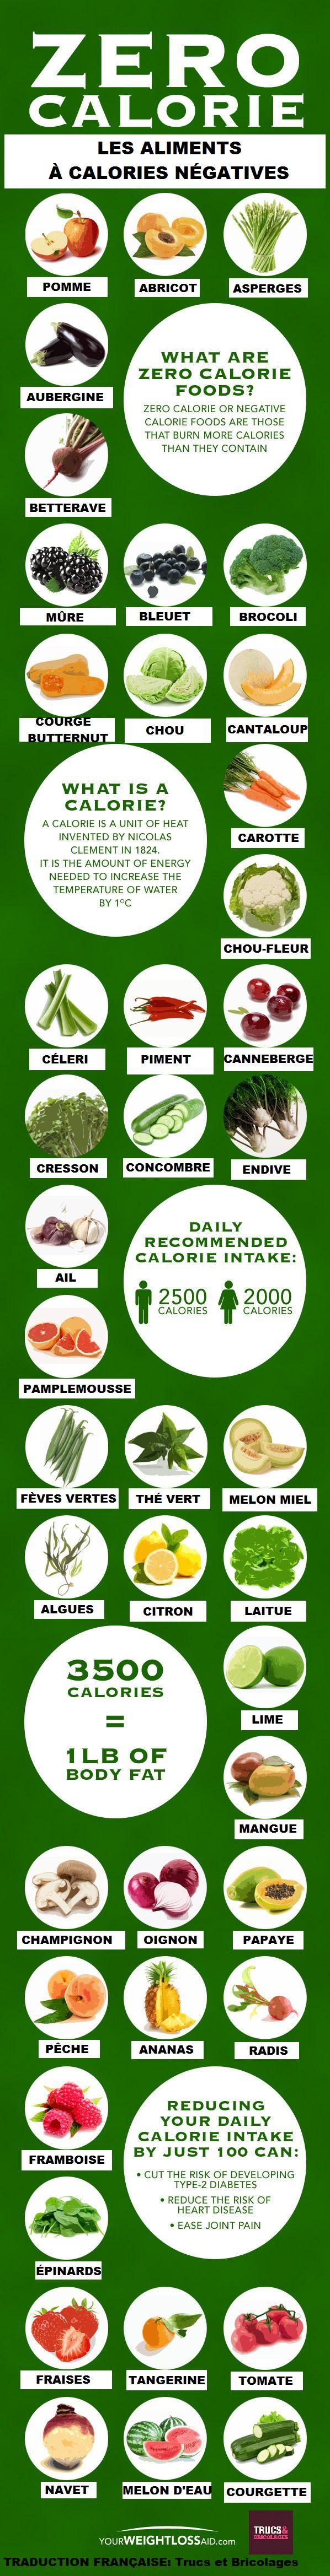 Les aliments à calories négatives                                                                                                                                                      Plus